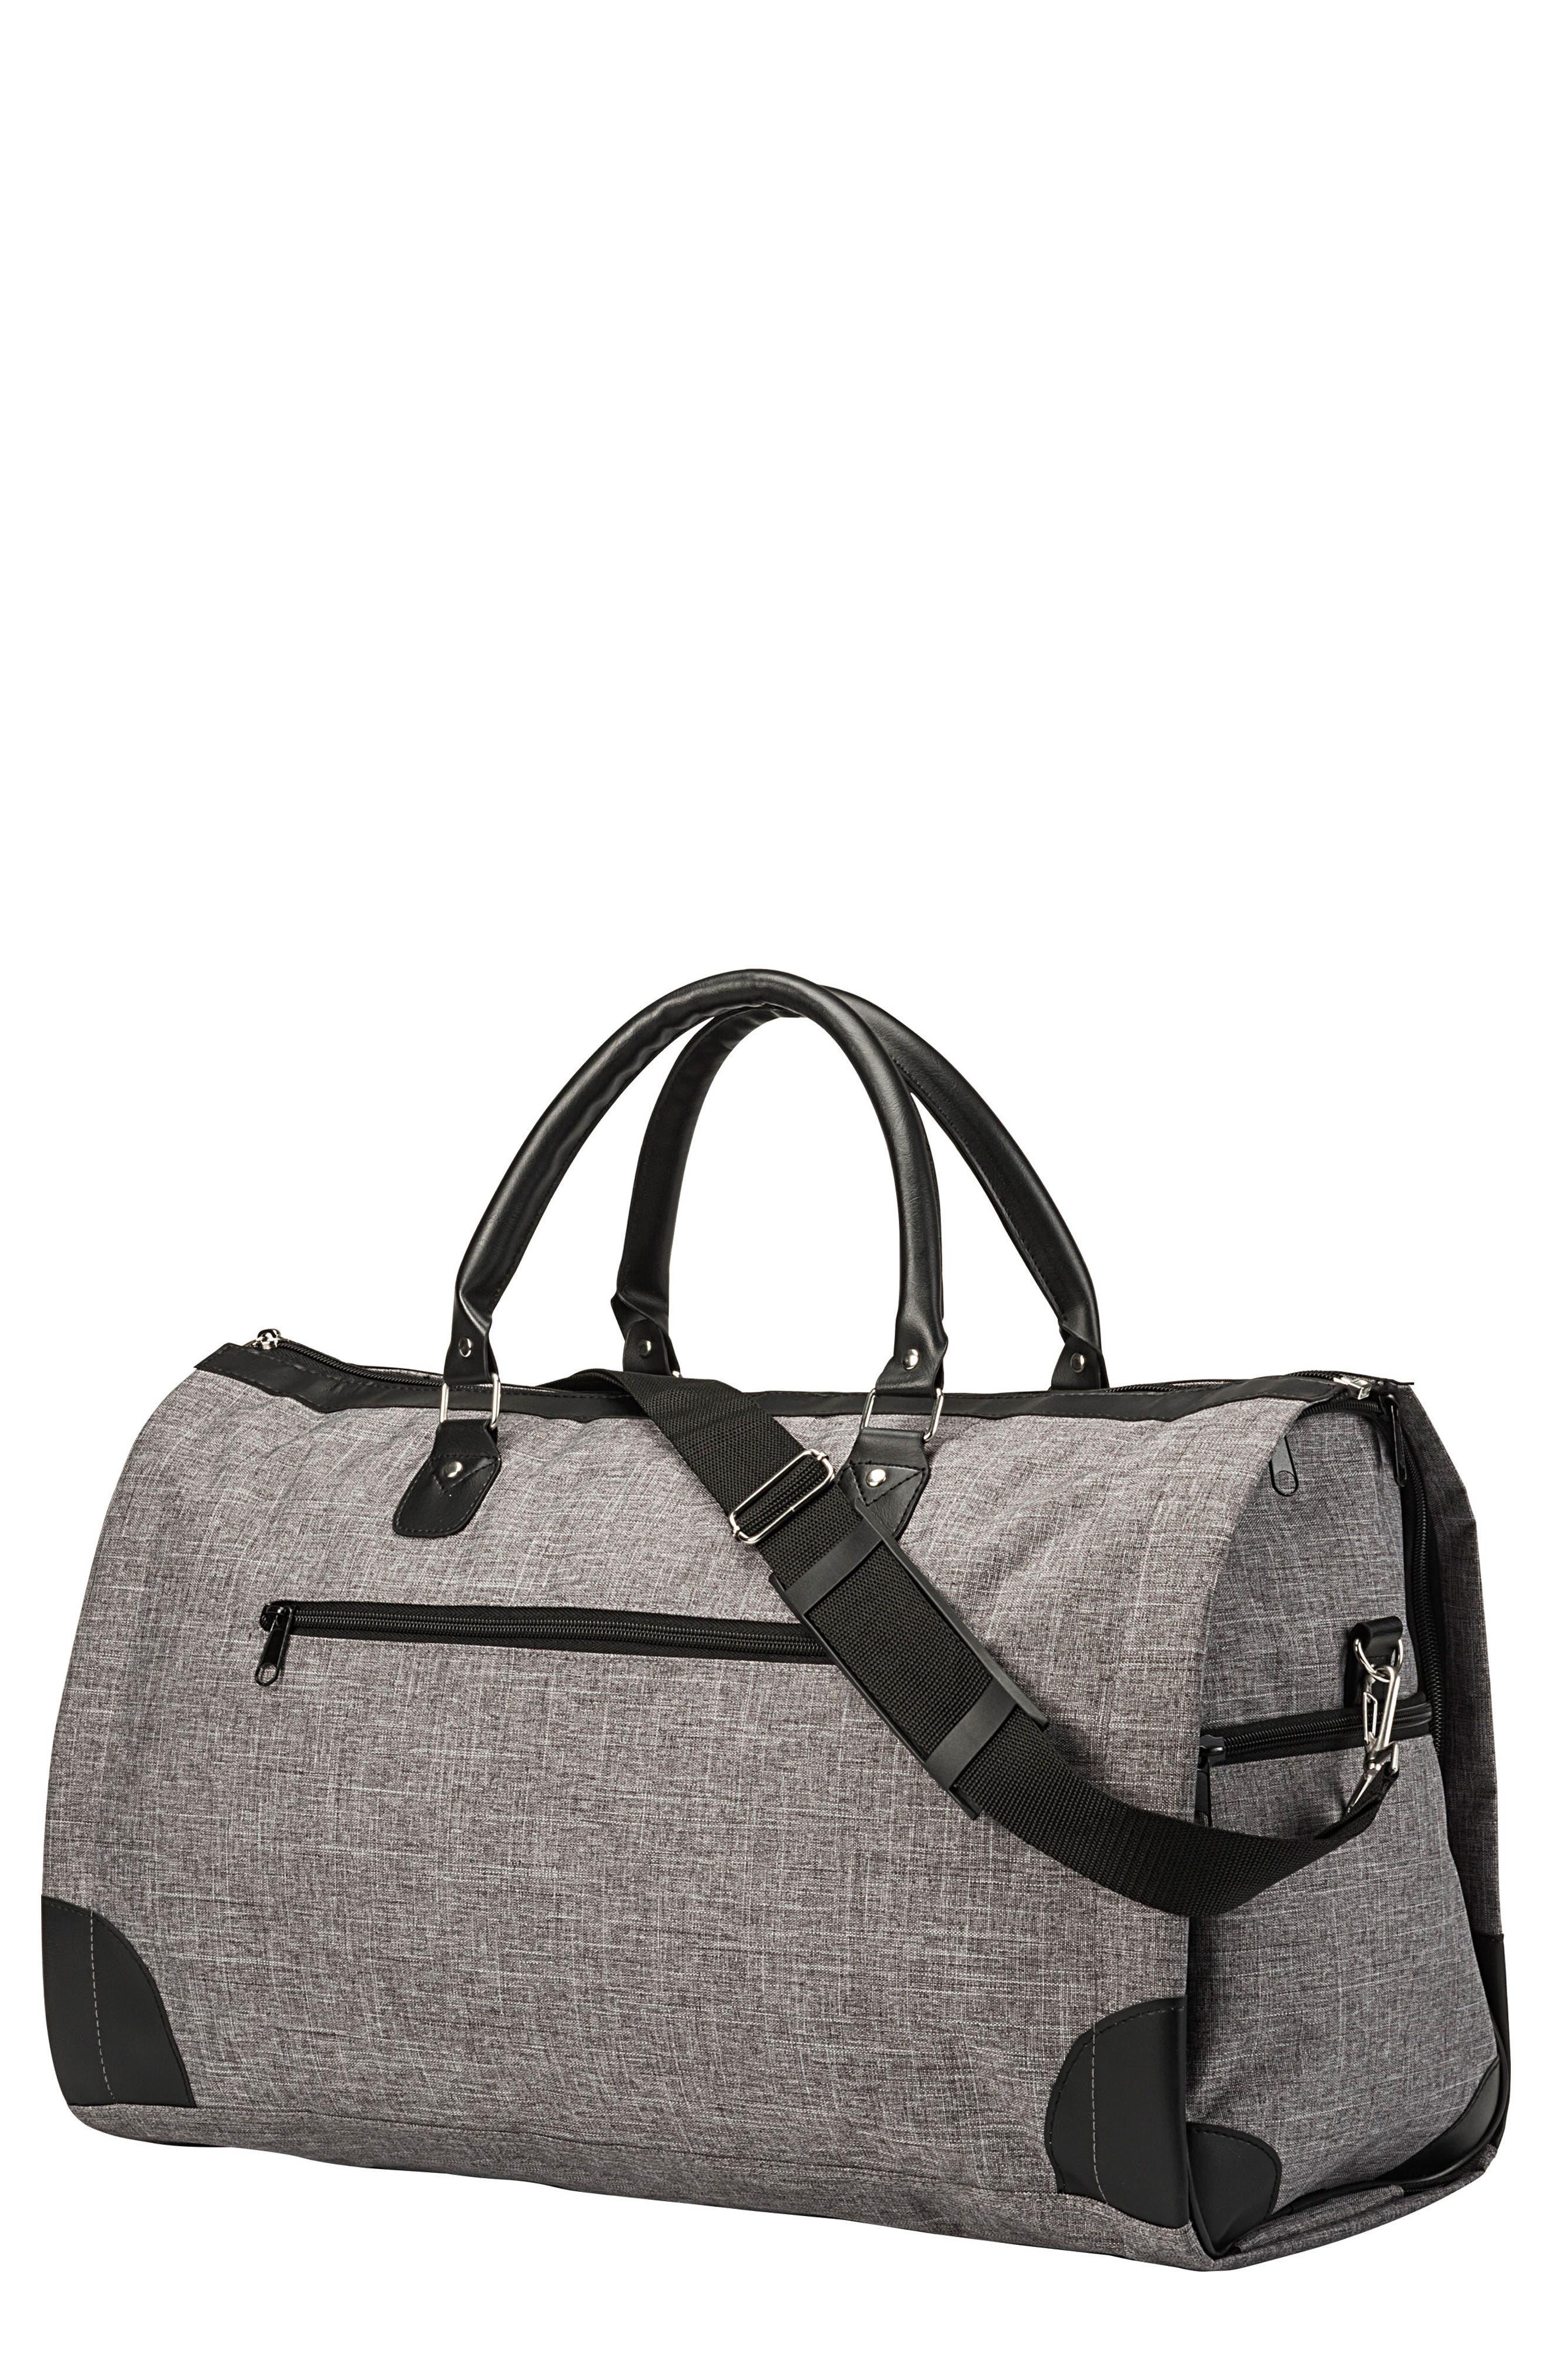 Monogram Duffel/Garment Bag,                             Main thumbnail 1, color,                             Grey